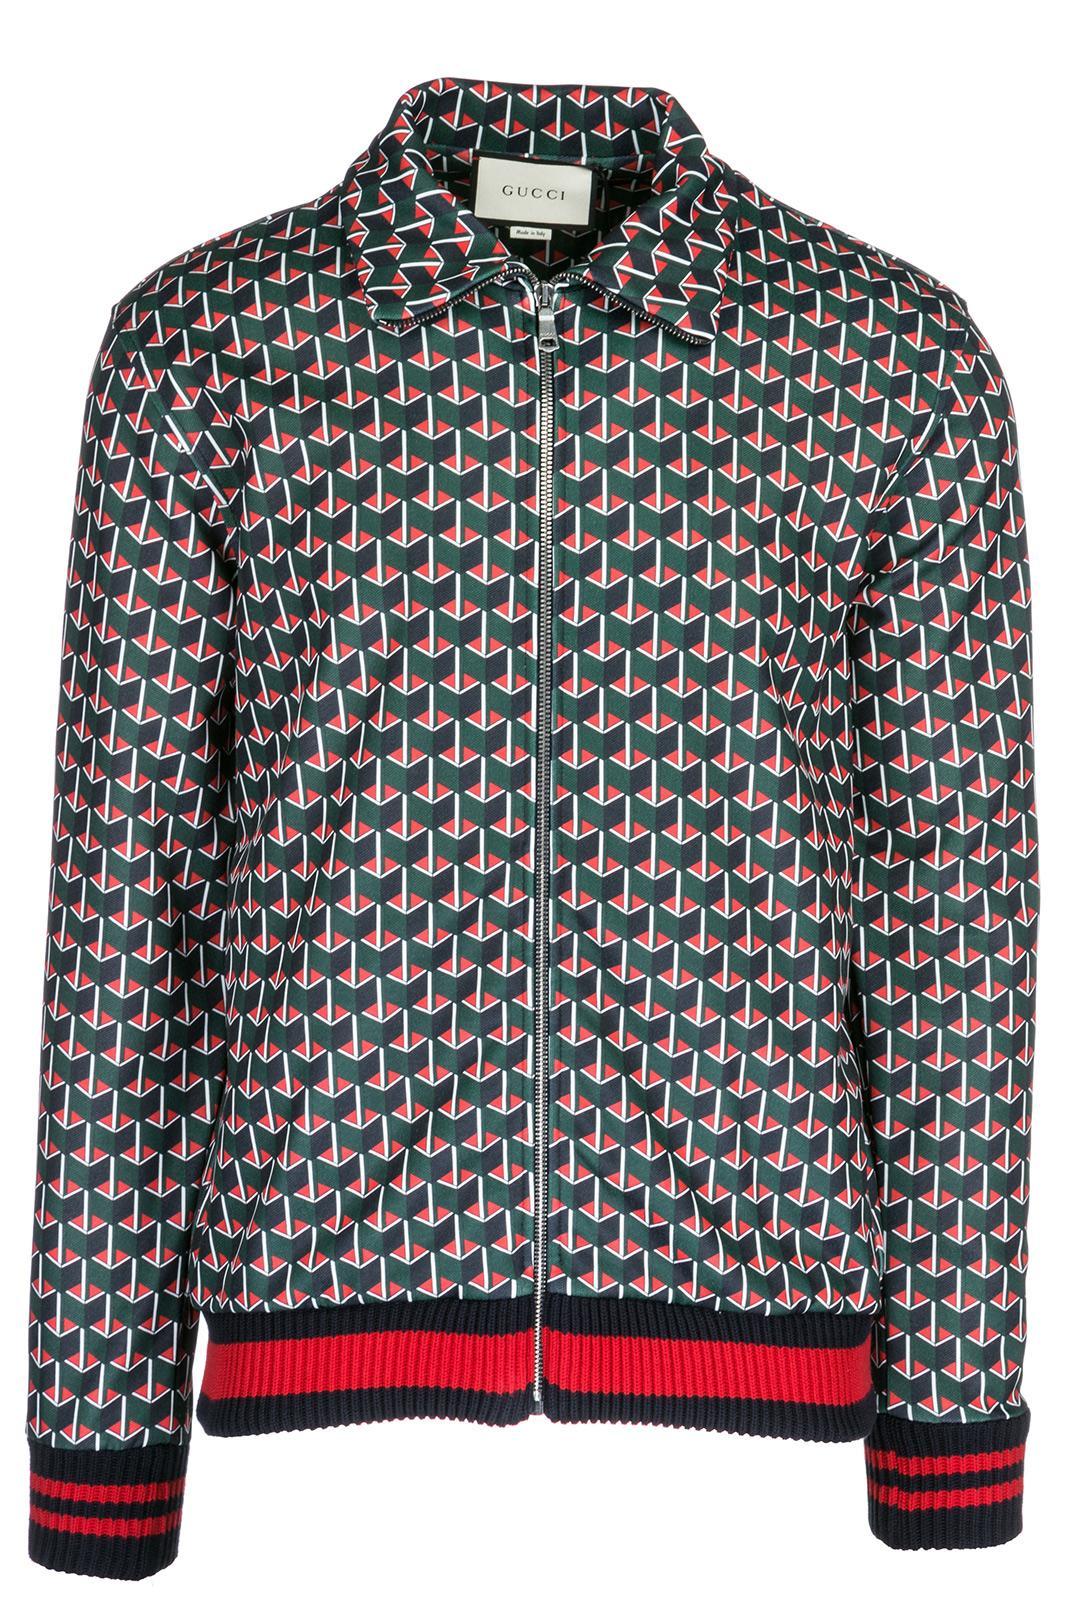 Gucci Men's Outerwear Jacket Blouson In Green